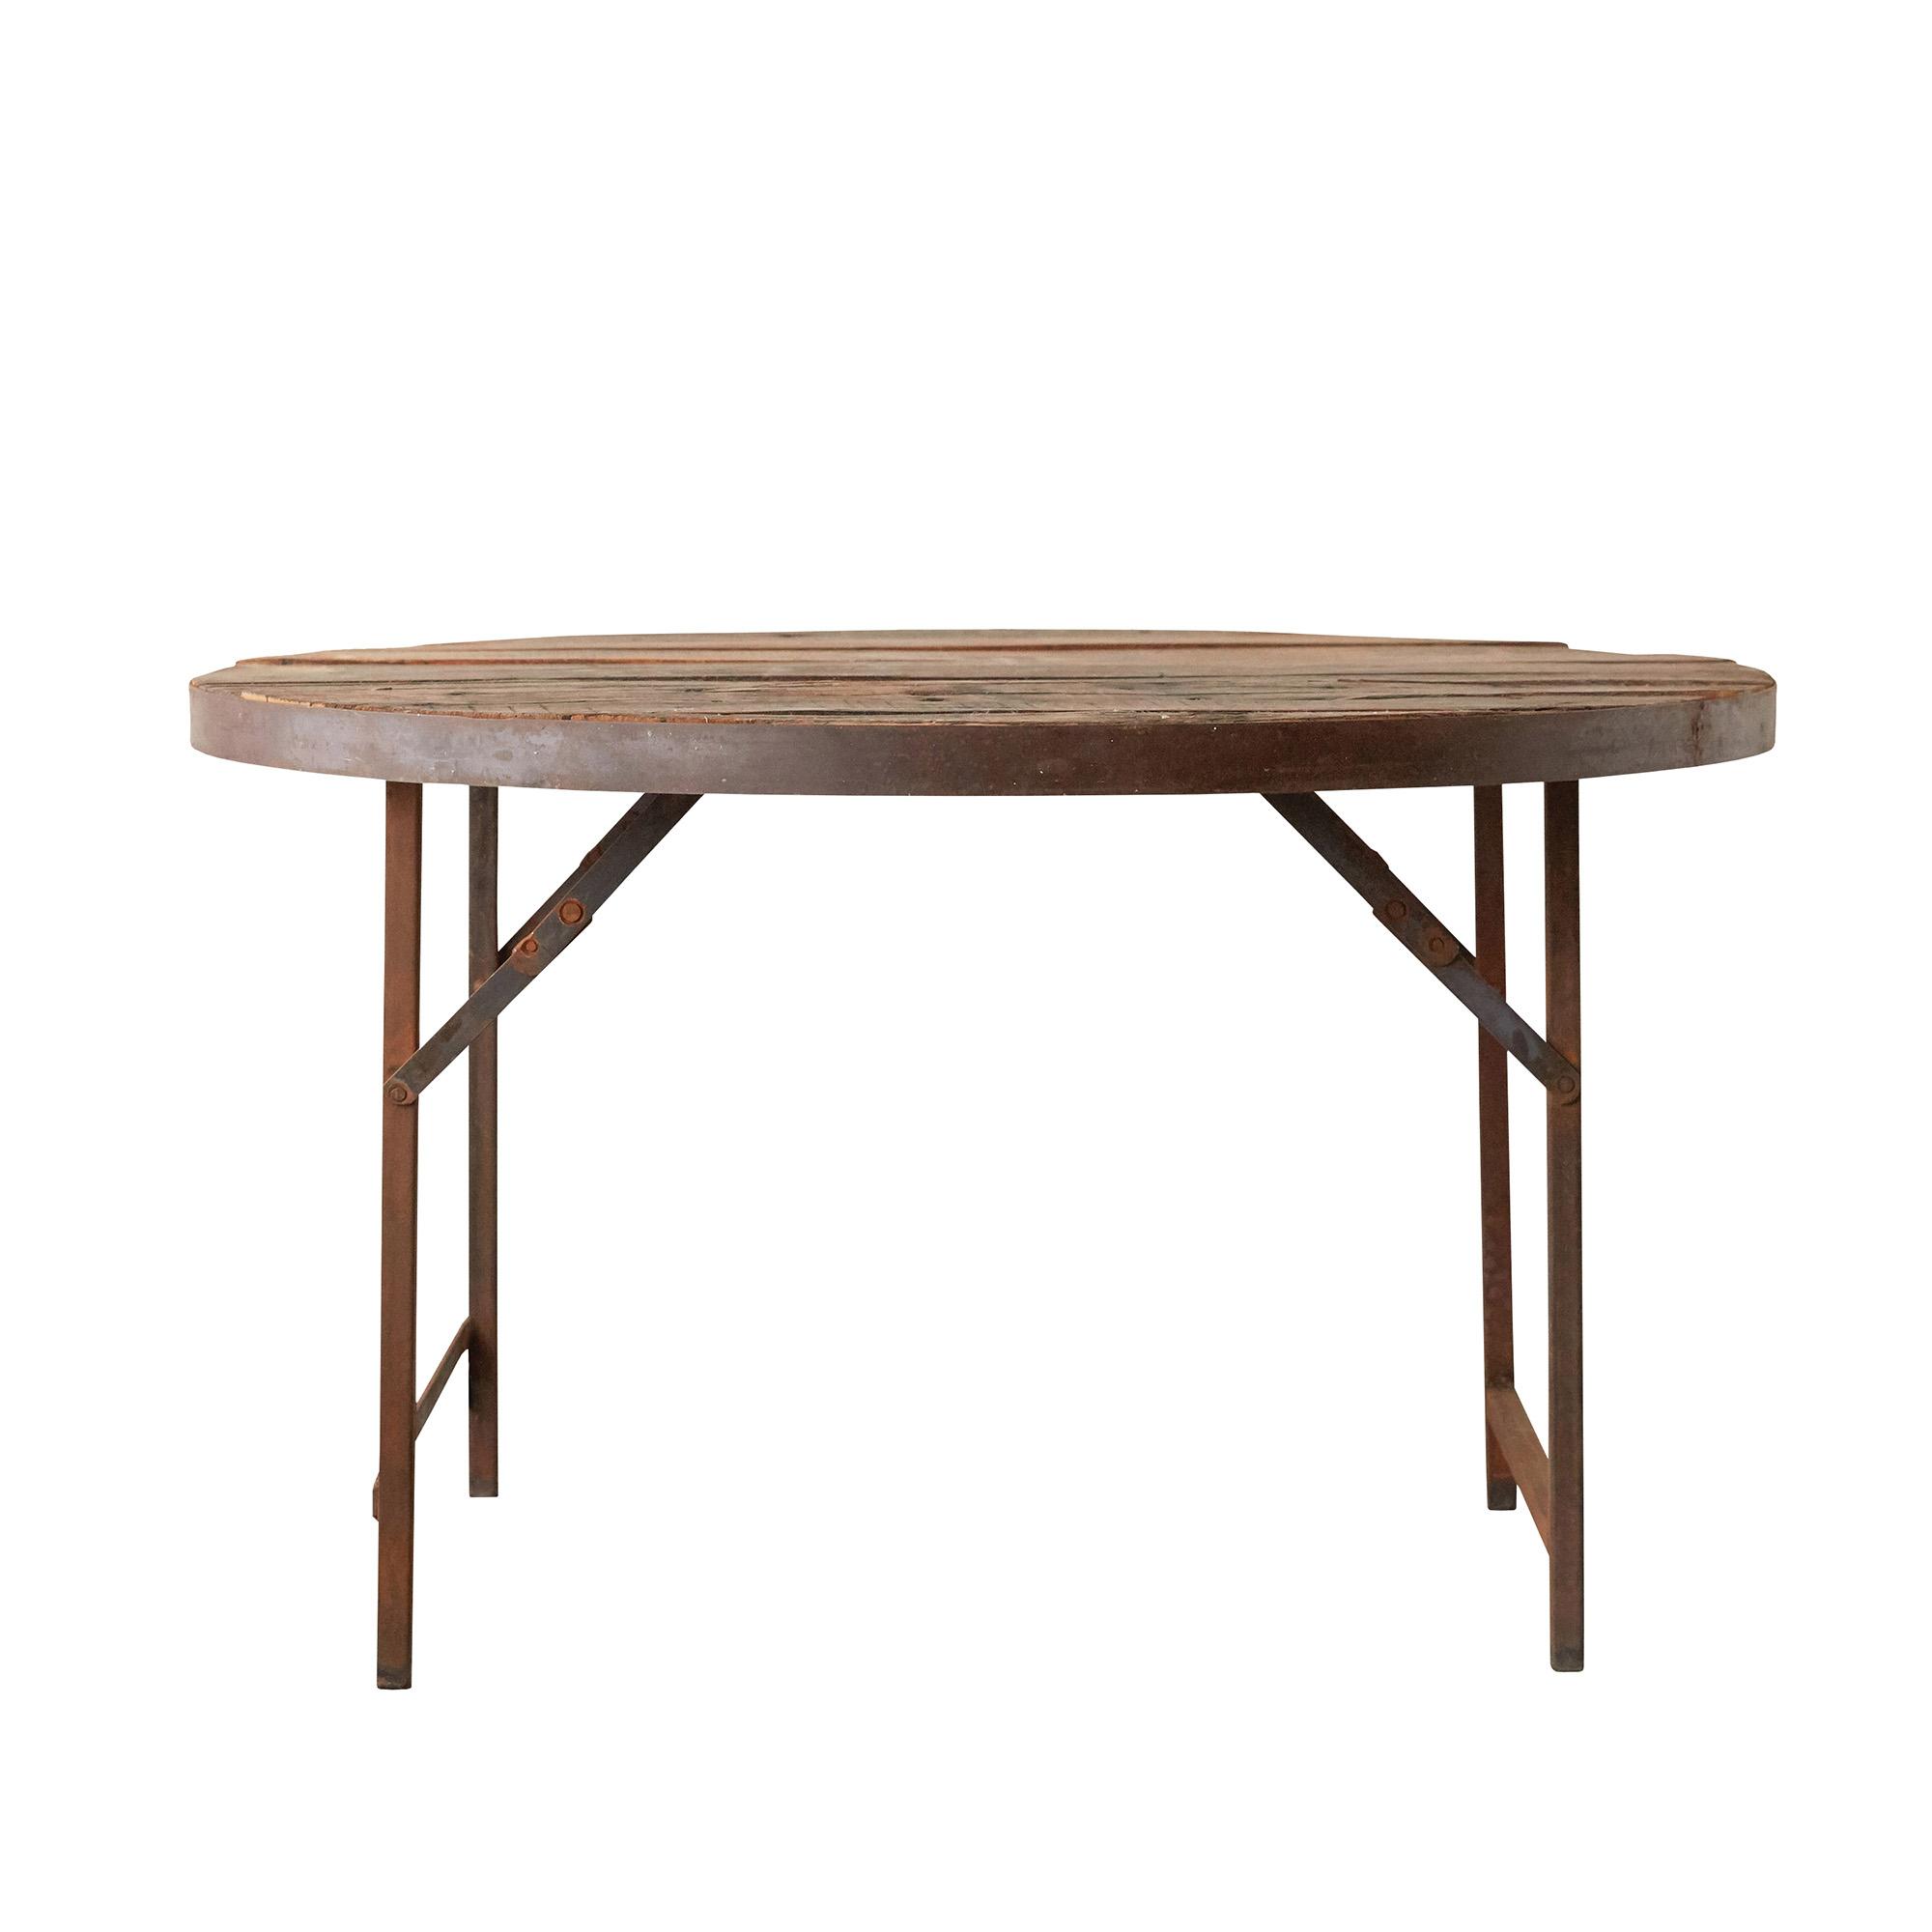 CREATIVE COLLECTION Terrain spisebord - brun træ/jern, rund (Ø120)